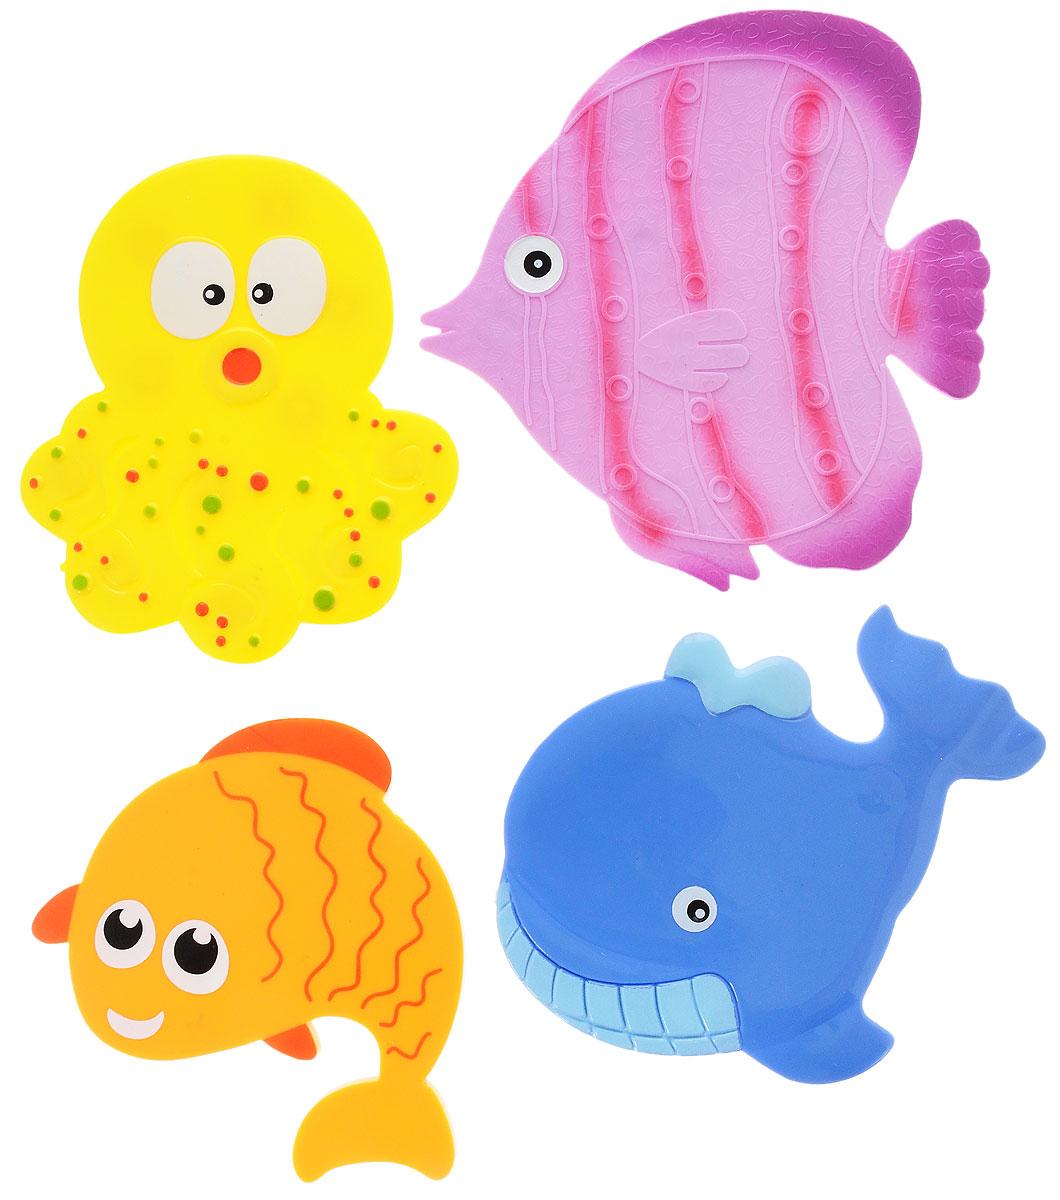 Valiant Мини-коврик для ванной комнаты Подводный мир на присосках 4 штMIX4S5Мини-коврик для ванной комнаты Valiant Подводный мир - это модный и экономичный способ сделать вашу ванную комнату более уютной, красивой и безопасной.В наборе представлены 4 мини-коврика. Коврики прочно крепятся на любую гладкую поверхность с помощью присосок. Расположите коврики там, где вам необходимо яркое цветовое пятно и надежная противоскользящая опора - на поверхности ванной, на кафельной стене или стенке душевой кабины или на полу - как дополнение вашего коврика стандартного размера.Мини-коврики Valiant незаменимы при купании маленького ребенка: он не поскользнется и не упадет, держась за мягкую и приятную на ощупь рифленую поверхность коврика.Рекомендации по уходу: после использования тщательно смойте остатки мыла или других косметических средств с коврика.